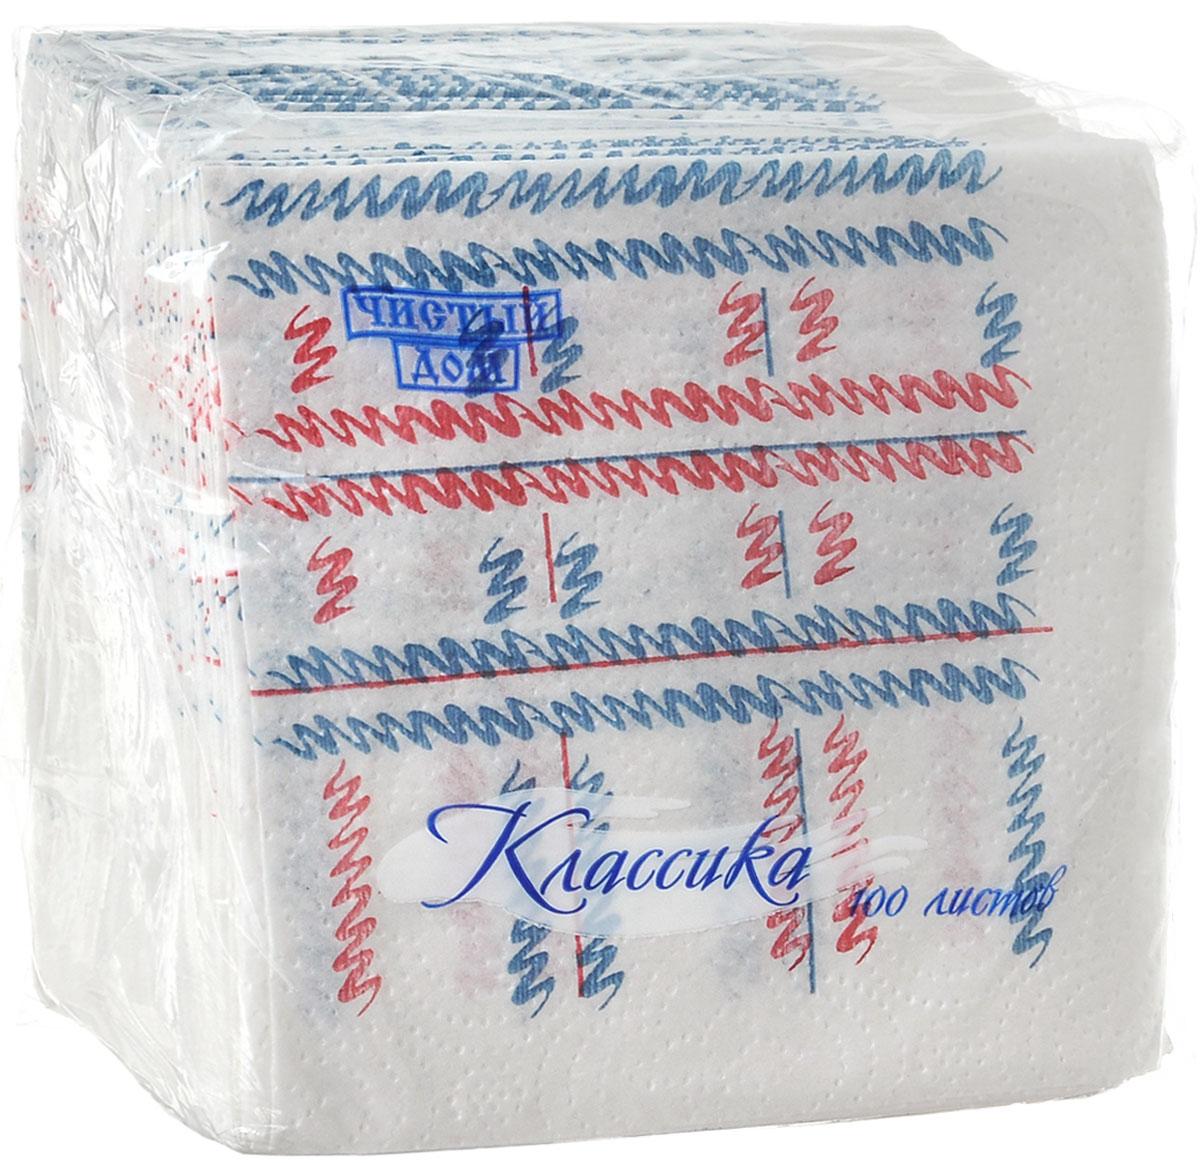 Салфетки бумажные Чистый дом Классика. Штрихи, однослойные, цвет: белый, синий, красный, 25 х 25 см, 100 шт4606920000043_синий, красныйОднослойные салфетки Чистый дом Классика выполнены из 100% целлюлозы. Салфетки подходят для косметического, санитарно-гигиенического и хозяйственного назначения. Нежные и мягкие. Салфетки украшены узором. Размер салфеток: 25 х 25 см.